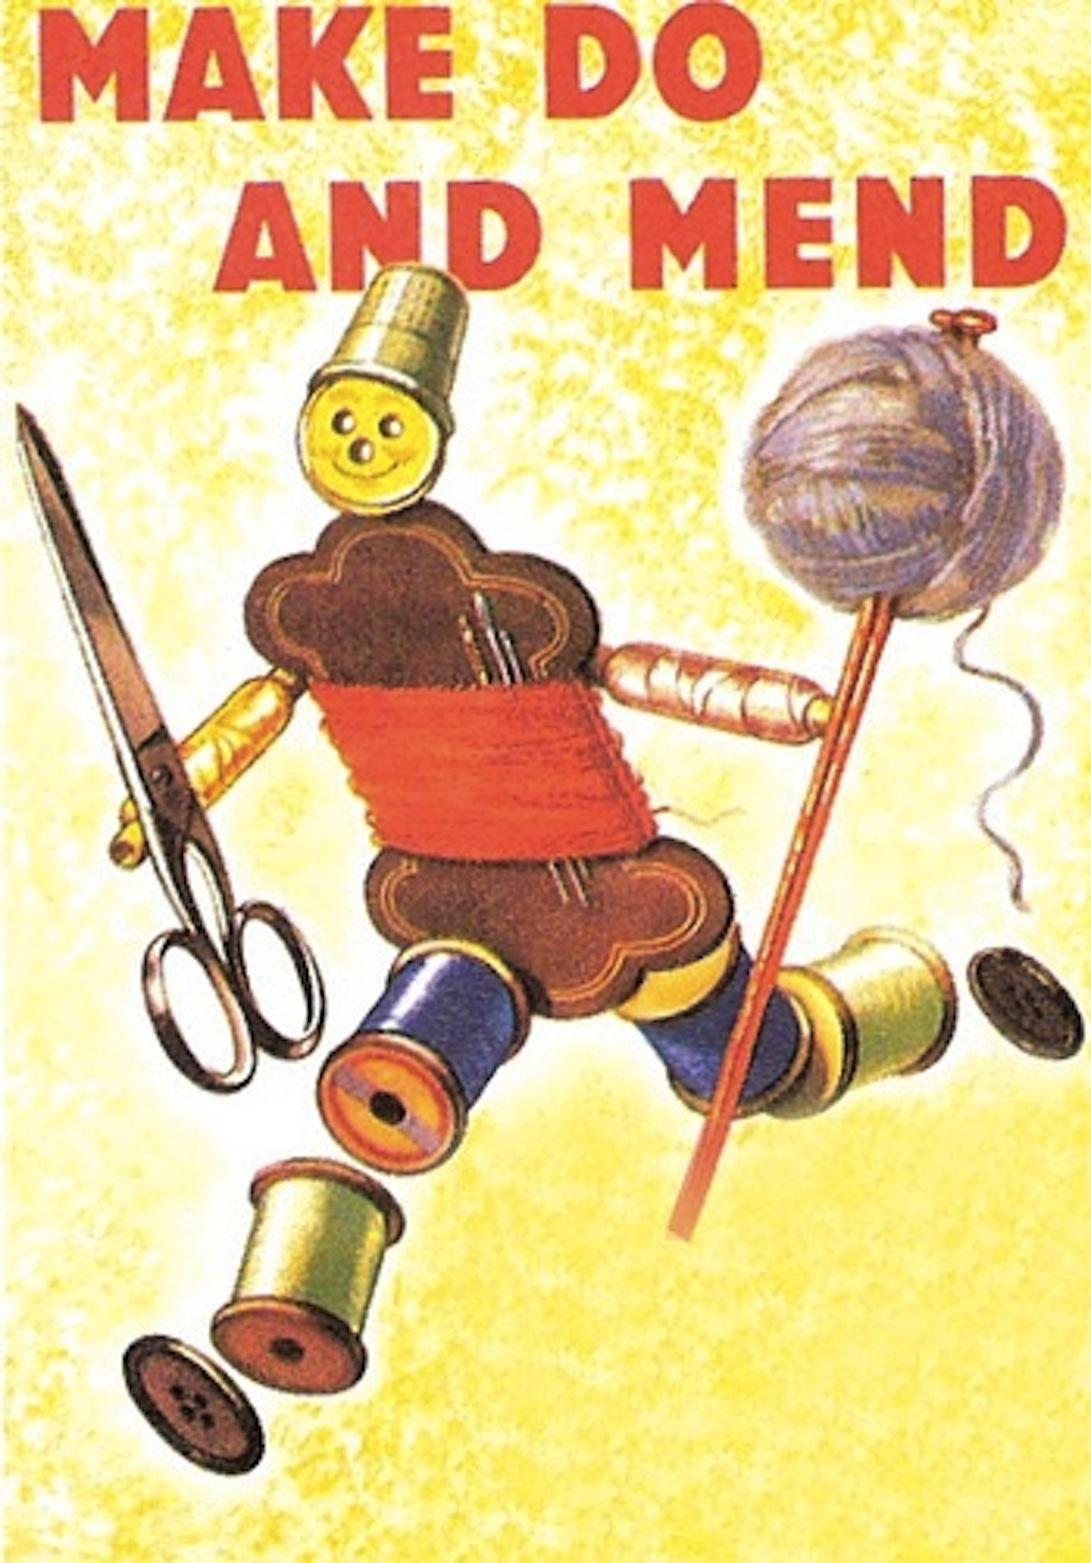 make do & mend man